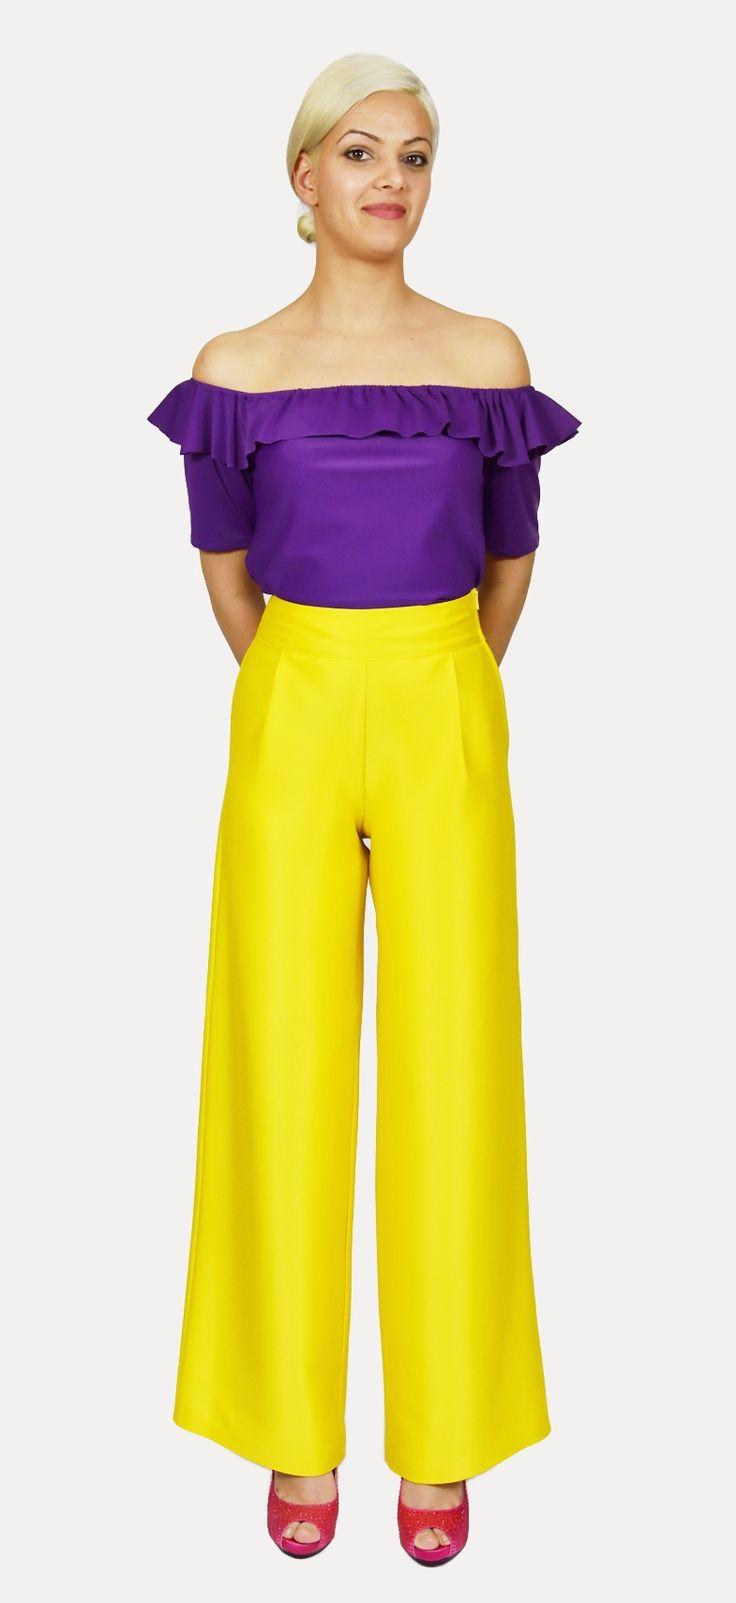 Pantalón Amarillo en tejido Fama, cinturilla alta y cremallera en el lateral,lleva pinzas. Ancho de pierna, muy comodo y elegante.